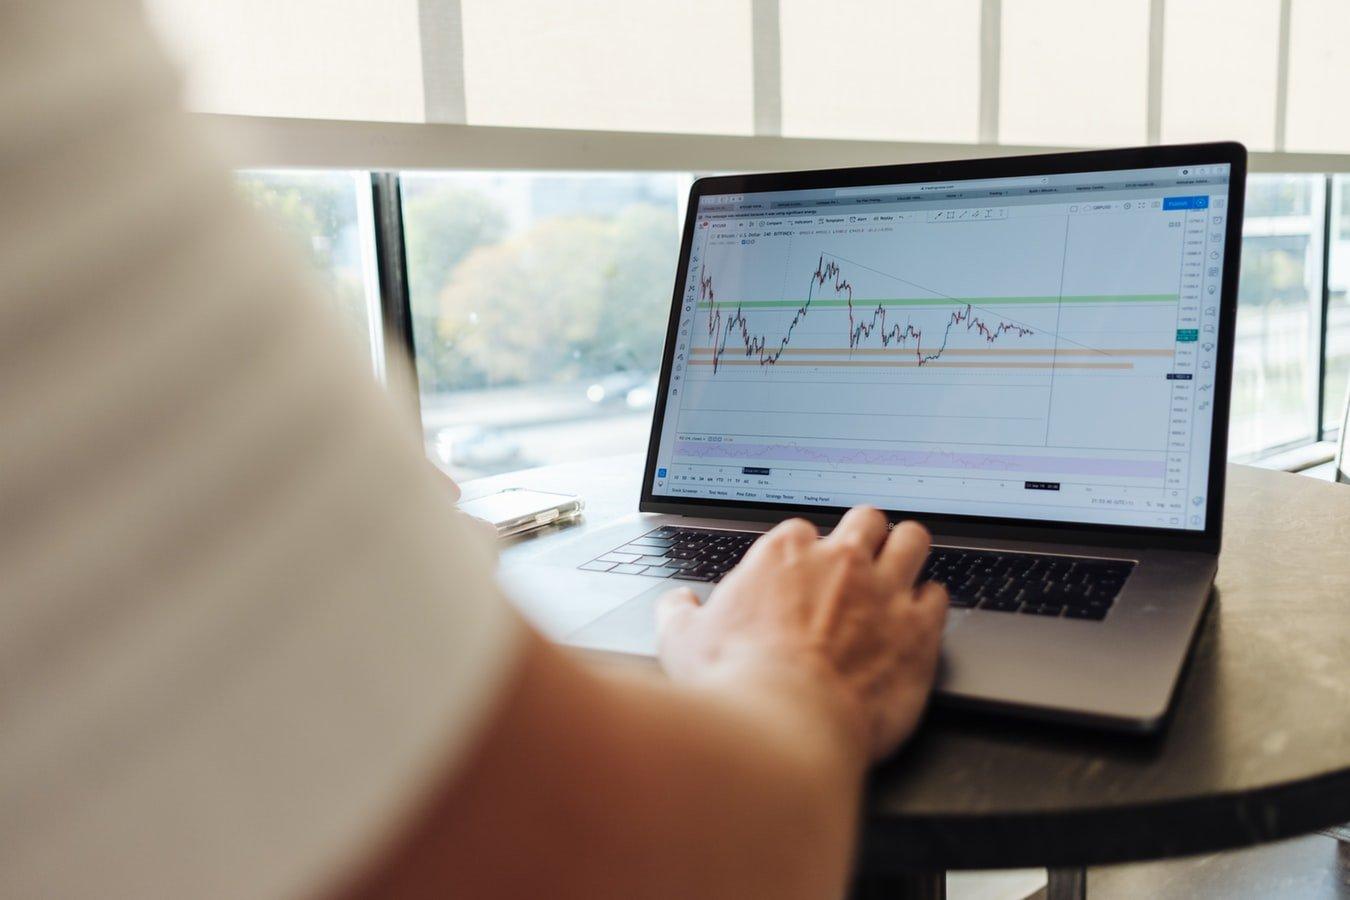 5 Indeks Saham Terpopuler yang Bisa Jadi Acuan Membeli Saham